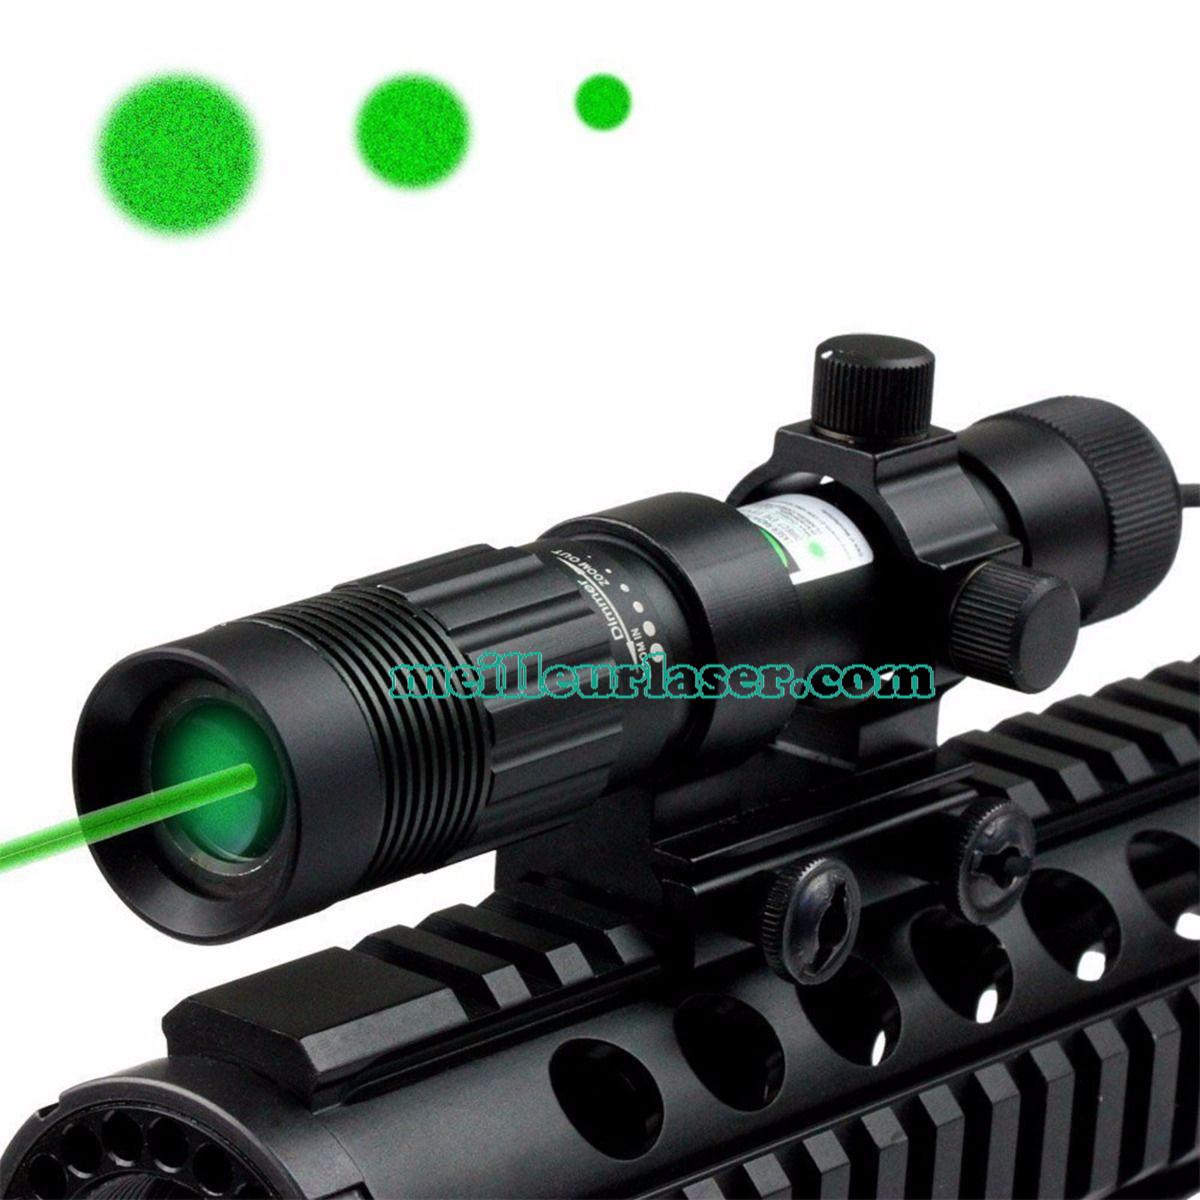 viseur laser vert pour carabine a vendre. Black Bedroom Furniture Sets. Home Design Ideas